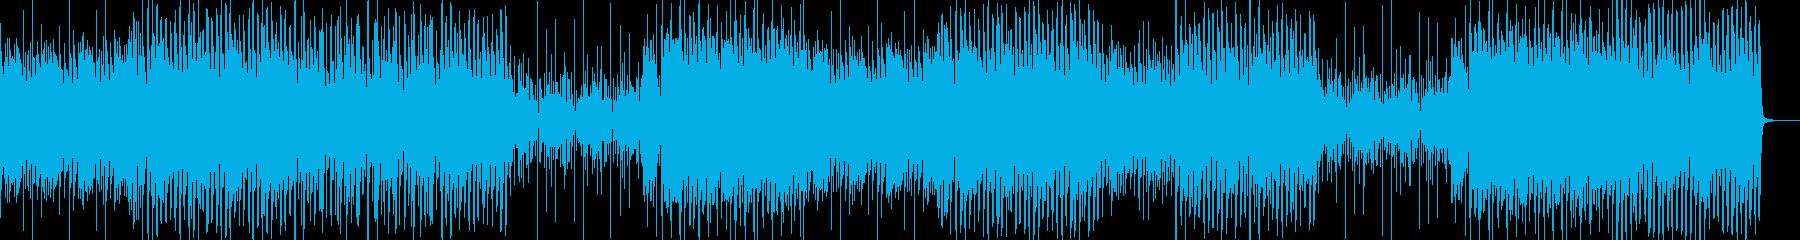 アニメのポップスな感じの再生済みの波形